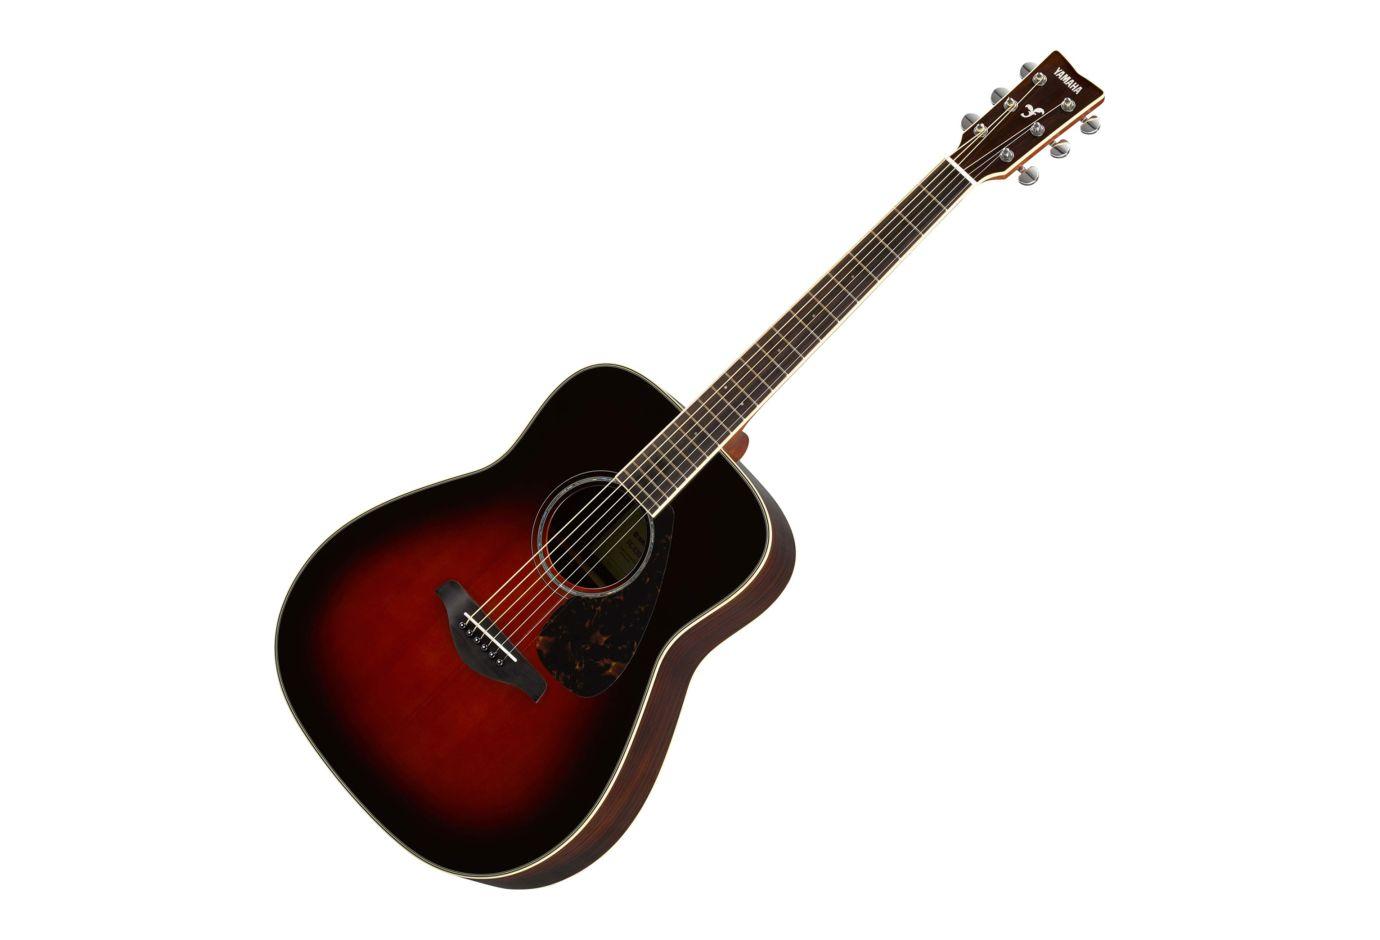 Yamaha fg830tbs spruce top folk acoustic guitar for Yamaha fg830 specs